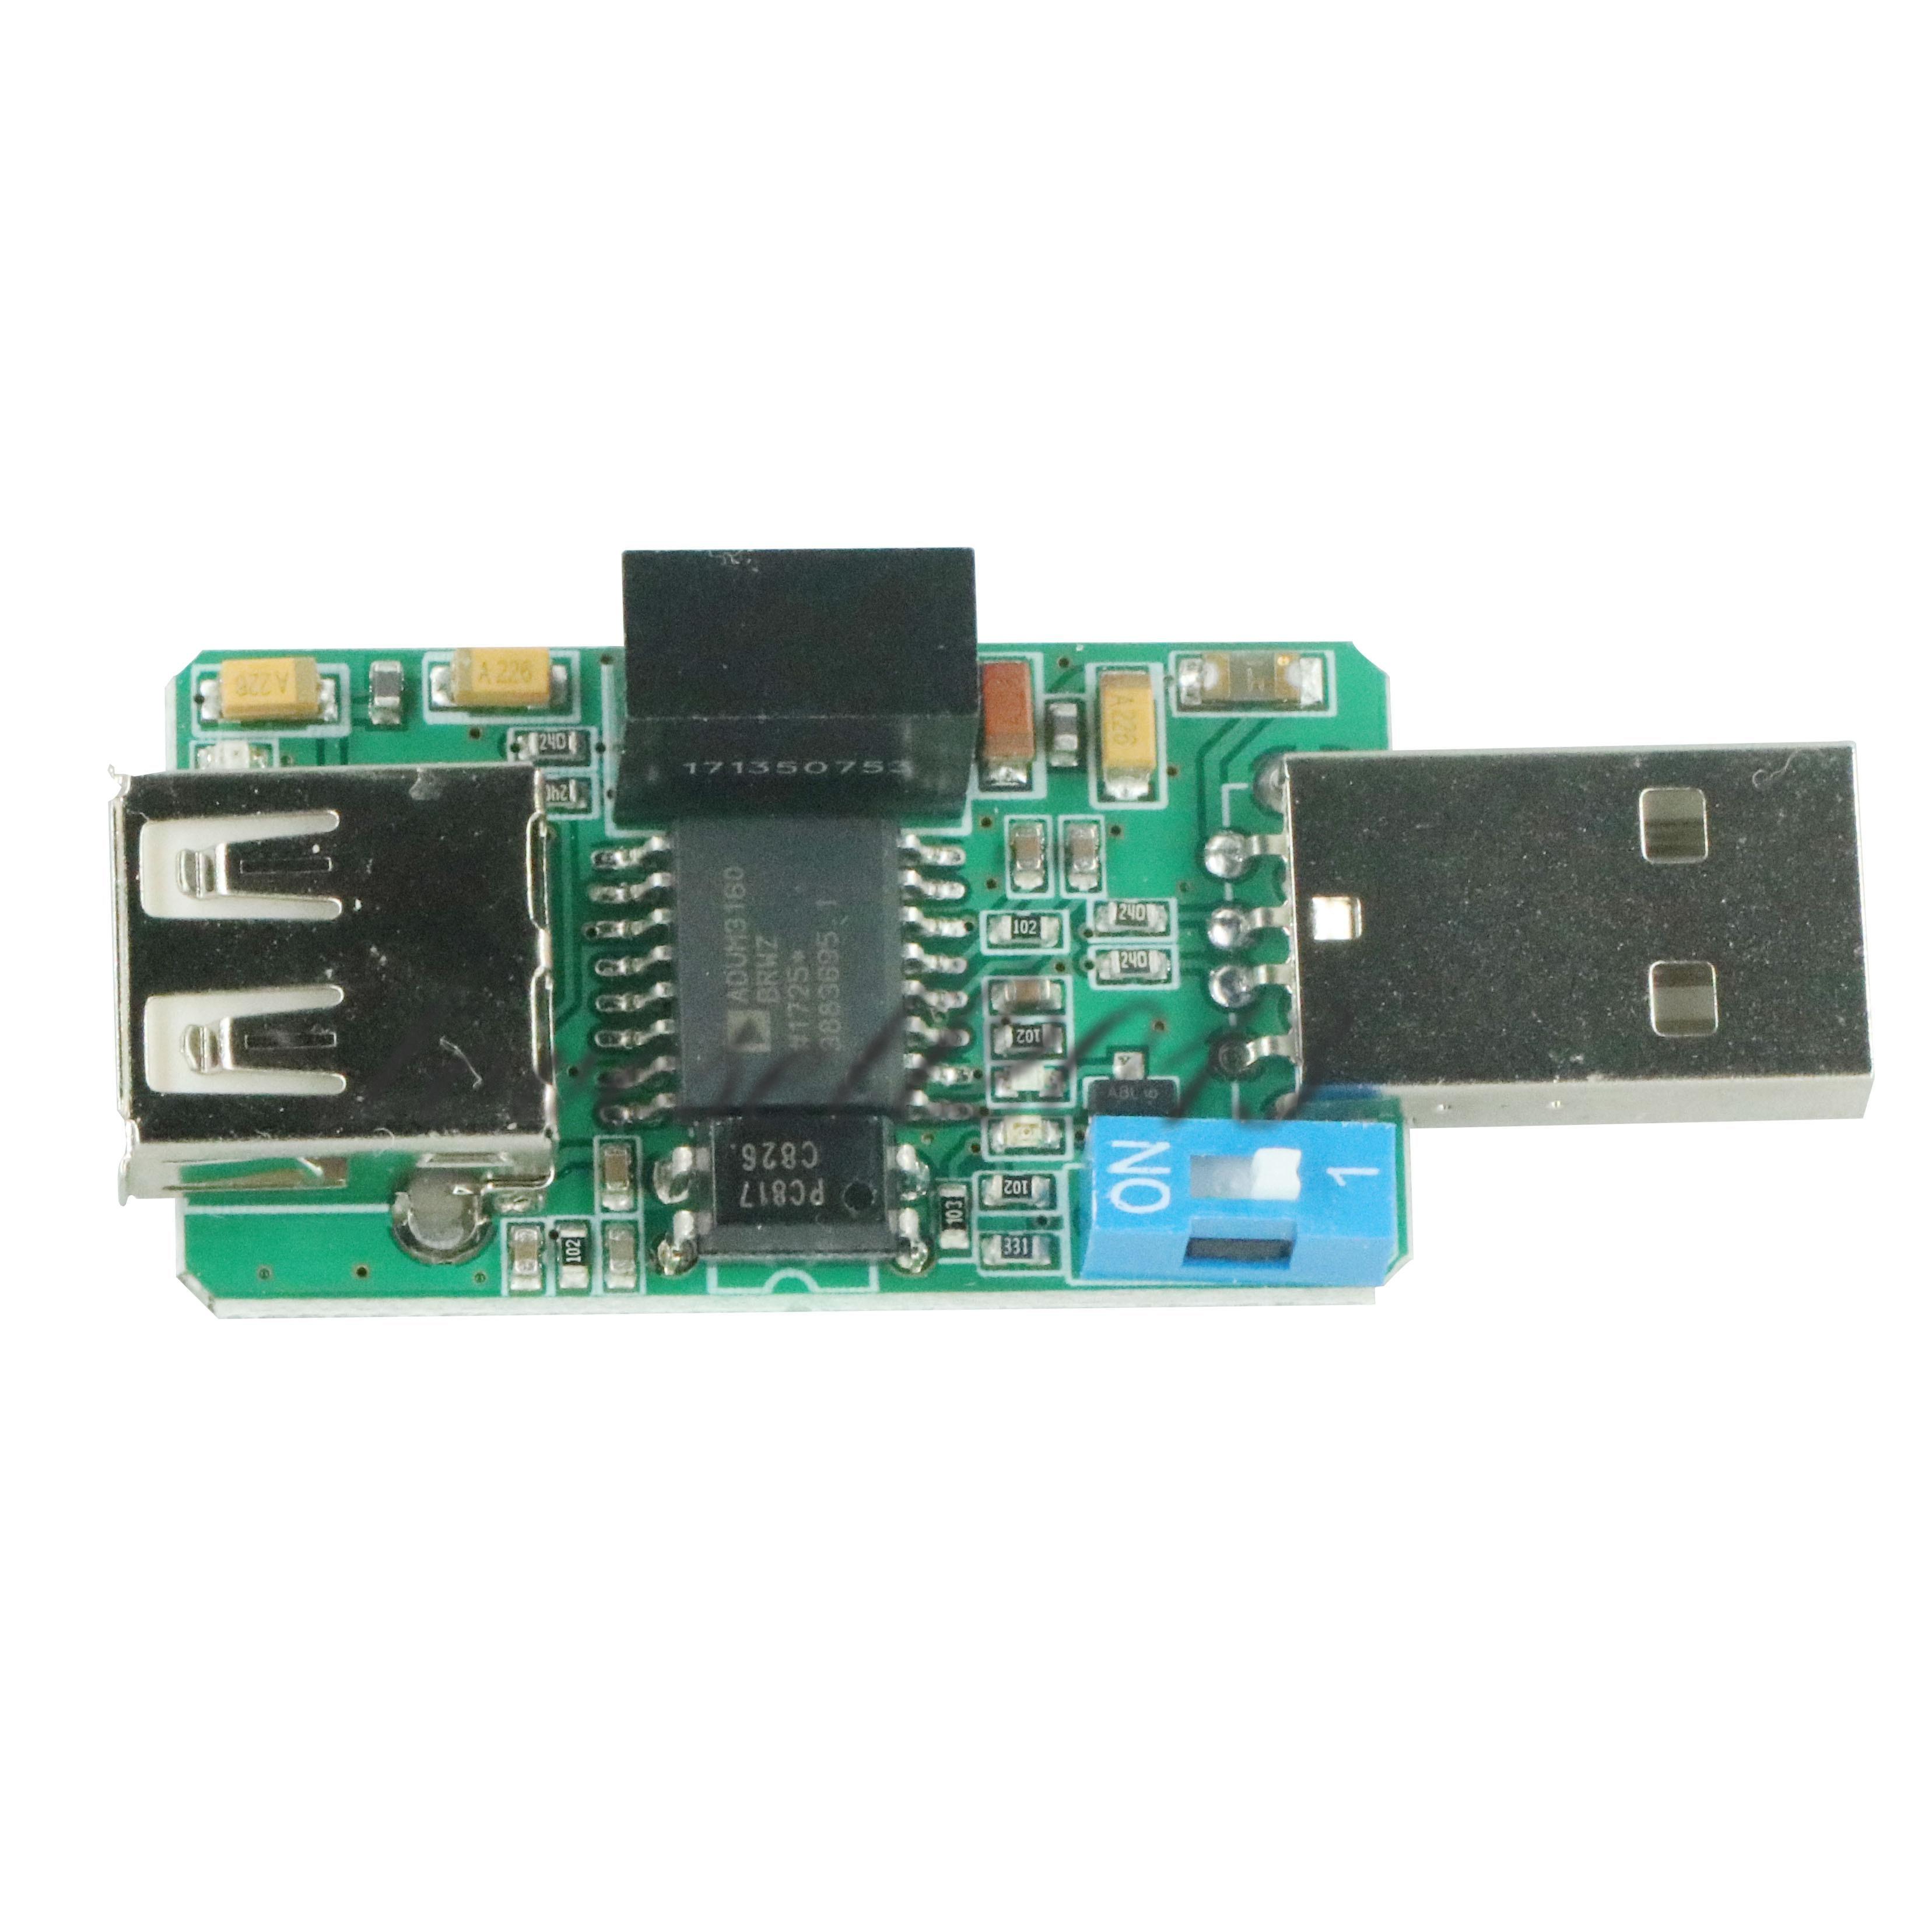 New USB Isolator 1500V Isolator ADUM4160 USB To USB ADUM4160/ADUM3160 Module Board Diy Kits